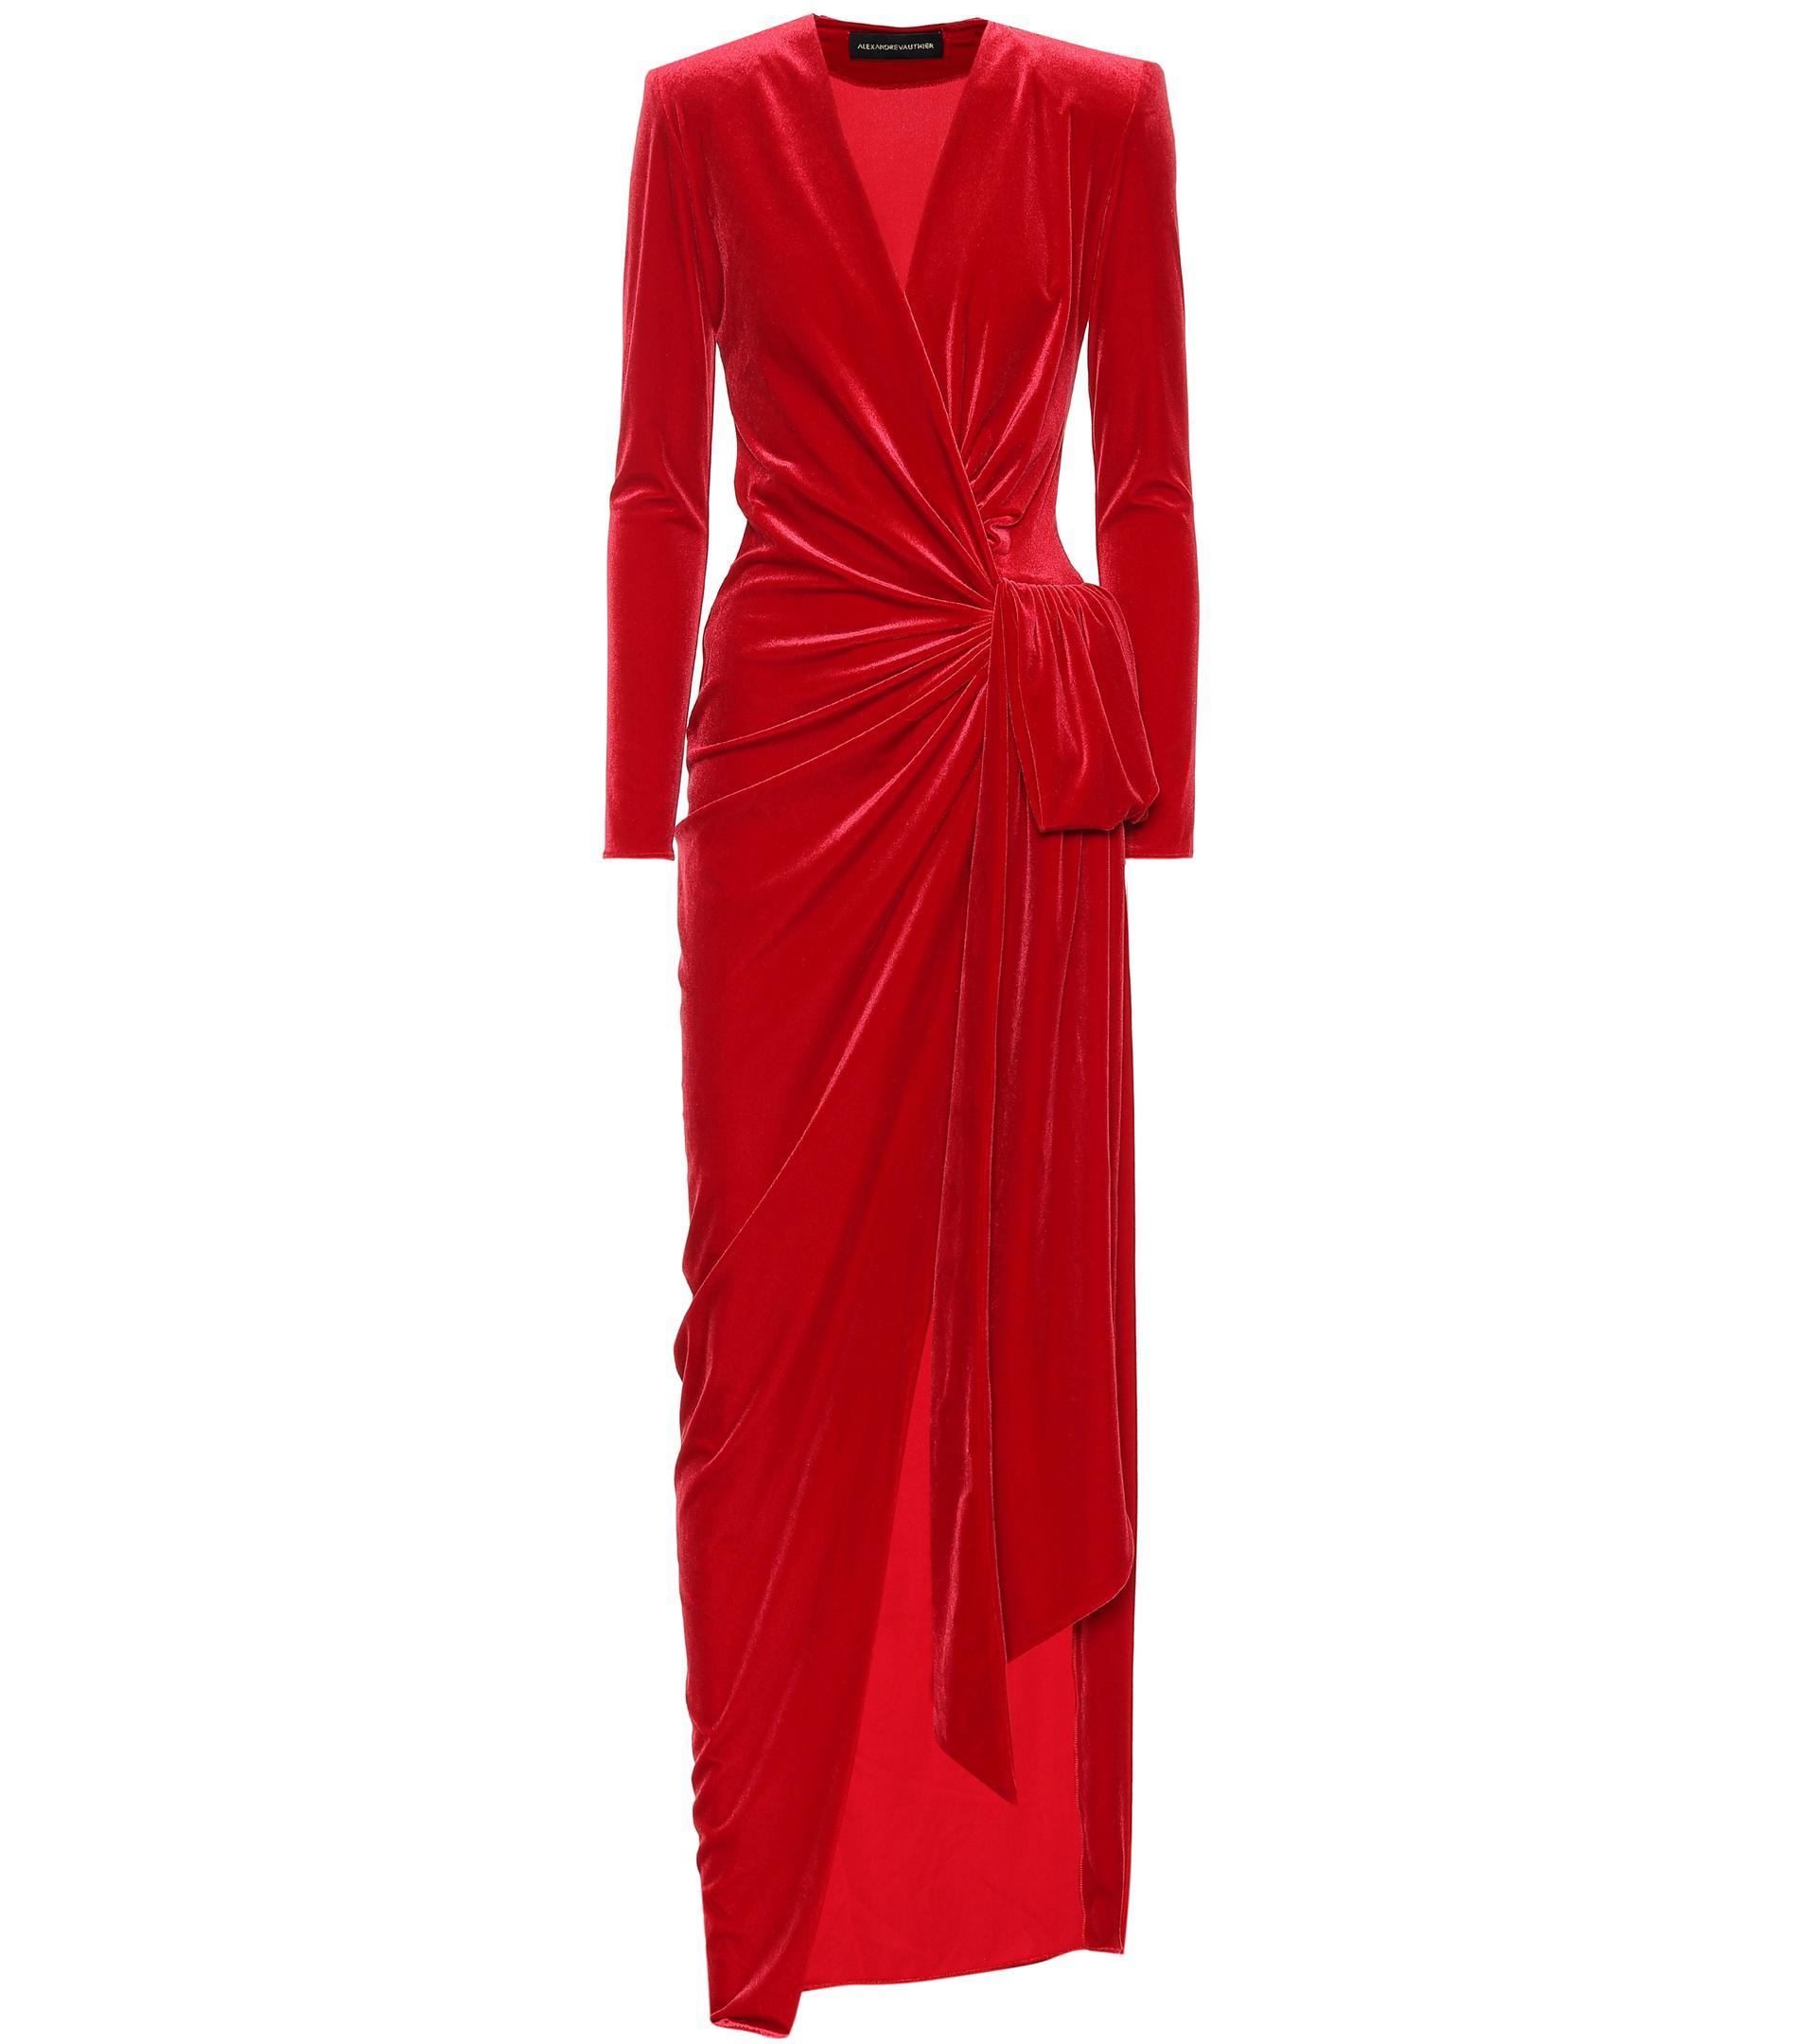 178e1f6064 Alexandre Vauthier Wrap-front Velvet Maxi Dress in Red - Lyst